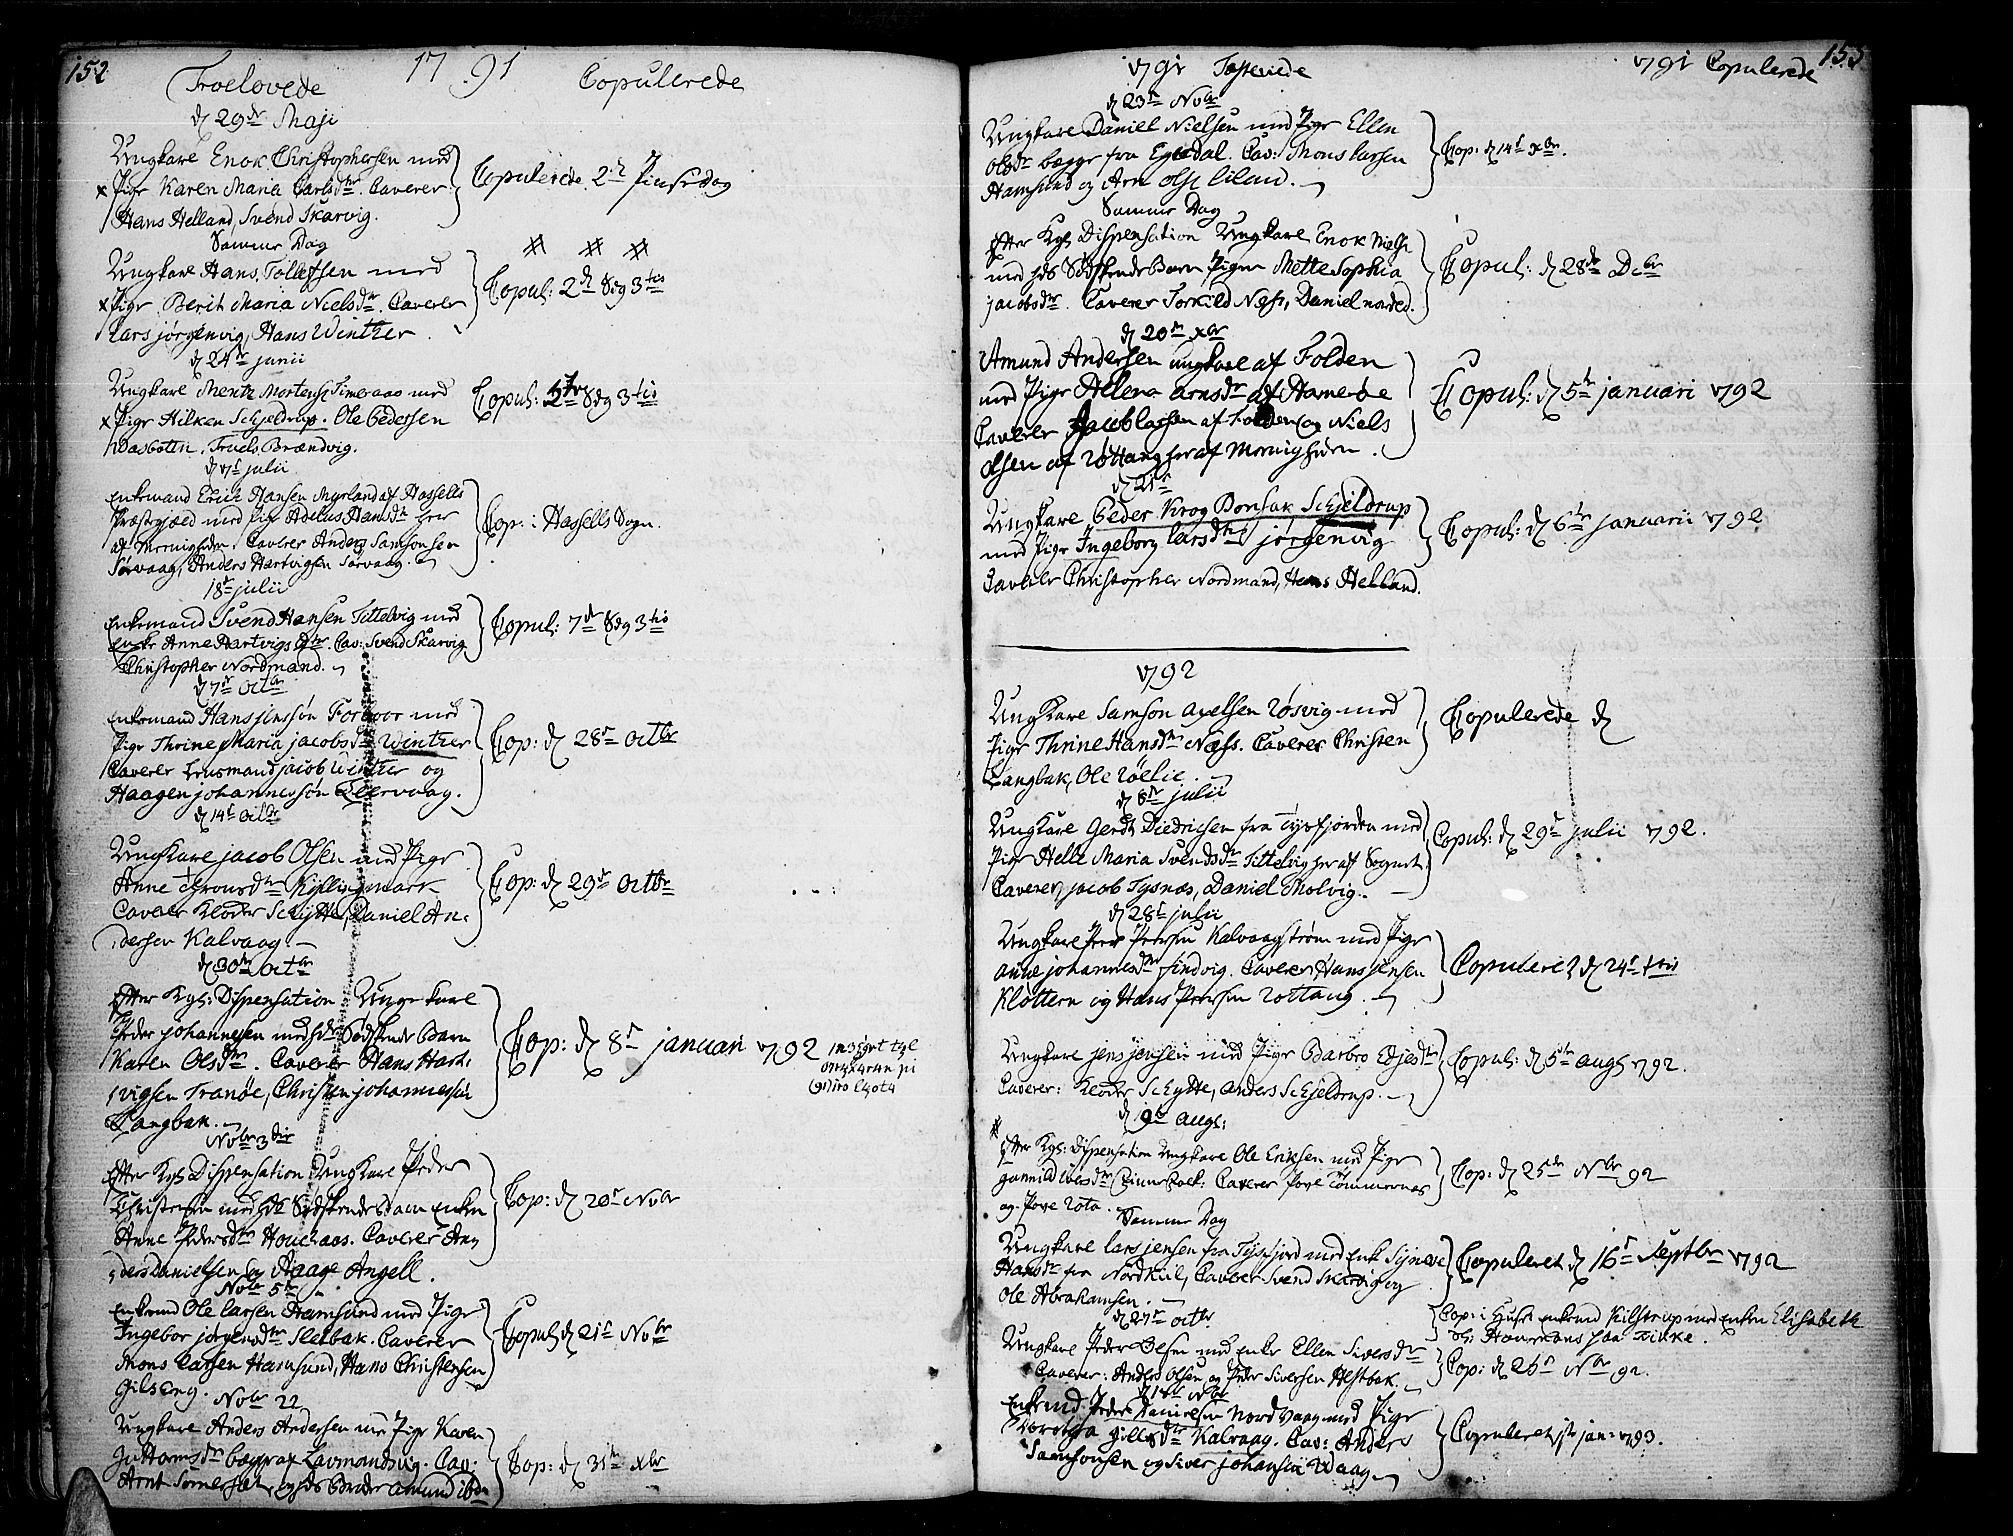 SAT, Ministerialprotokoller, klokkerbøker og fødselsregistre - Nordland, 859/L0841: Parish register (official) no. 859A01, 1766-1821, p. 152-153